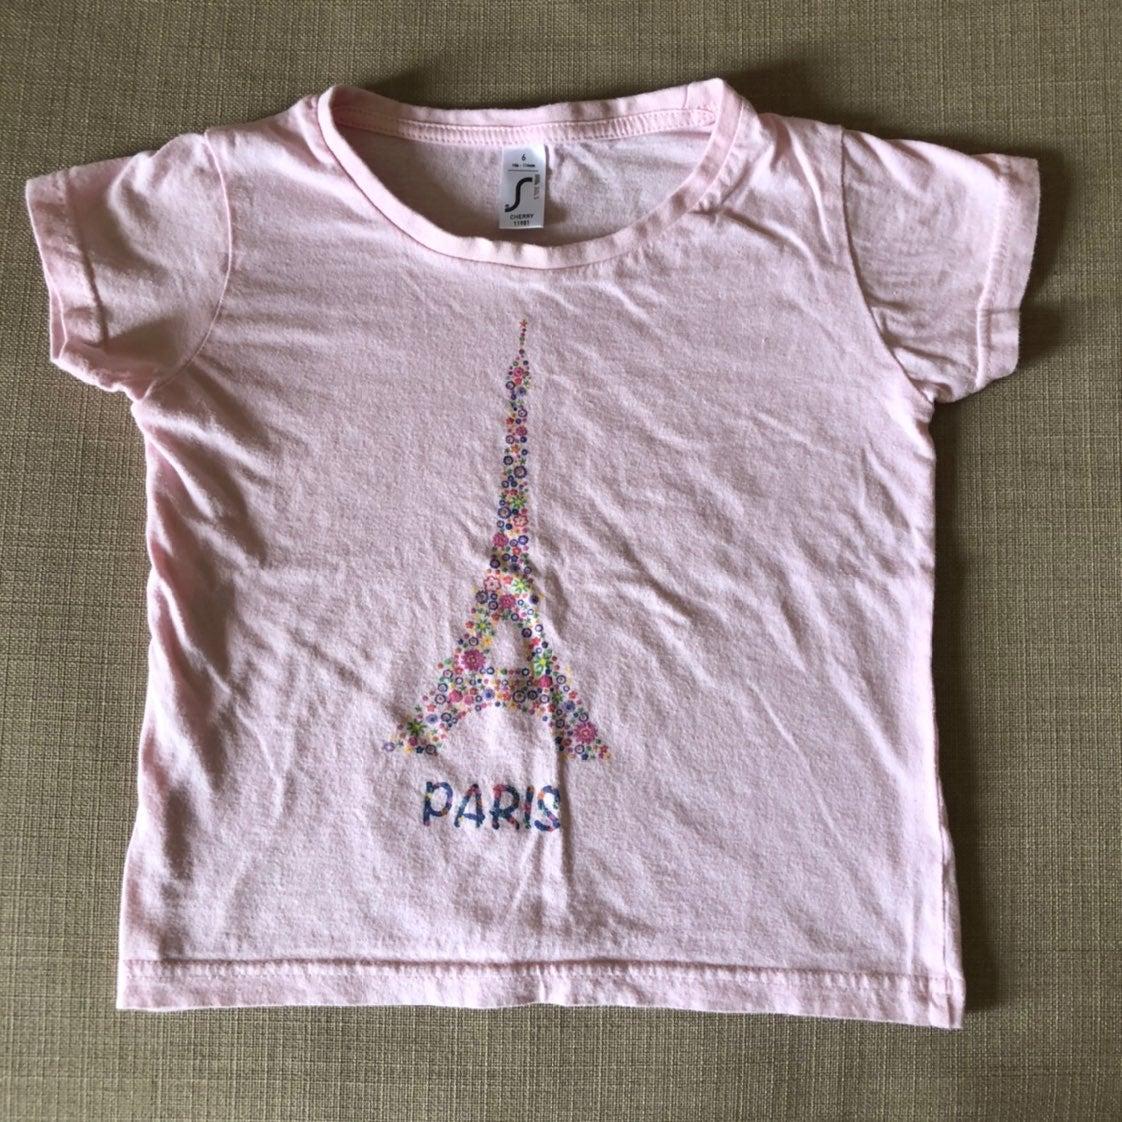 Paris tshirt size 6